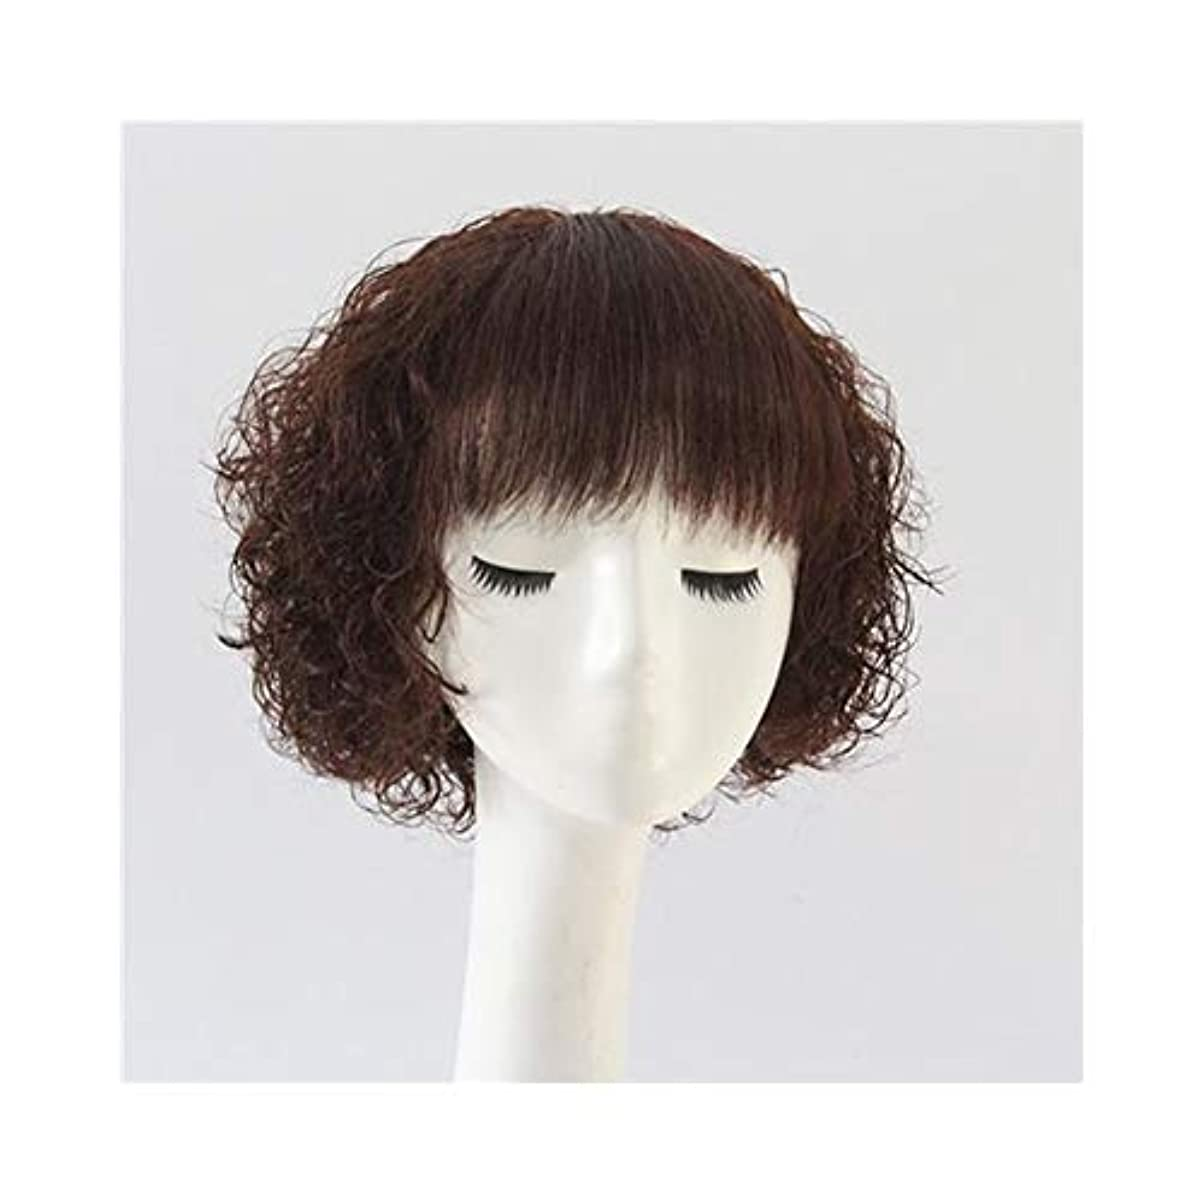 対恥ずかしい錆びYOUQIU 女性ファッションナチュラル耐熱性繊維ウィッグかつらのために100%実髪ショートカーリーヘア (色 : Dark brown)